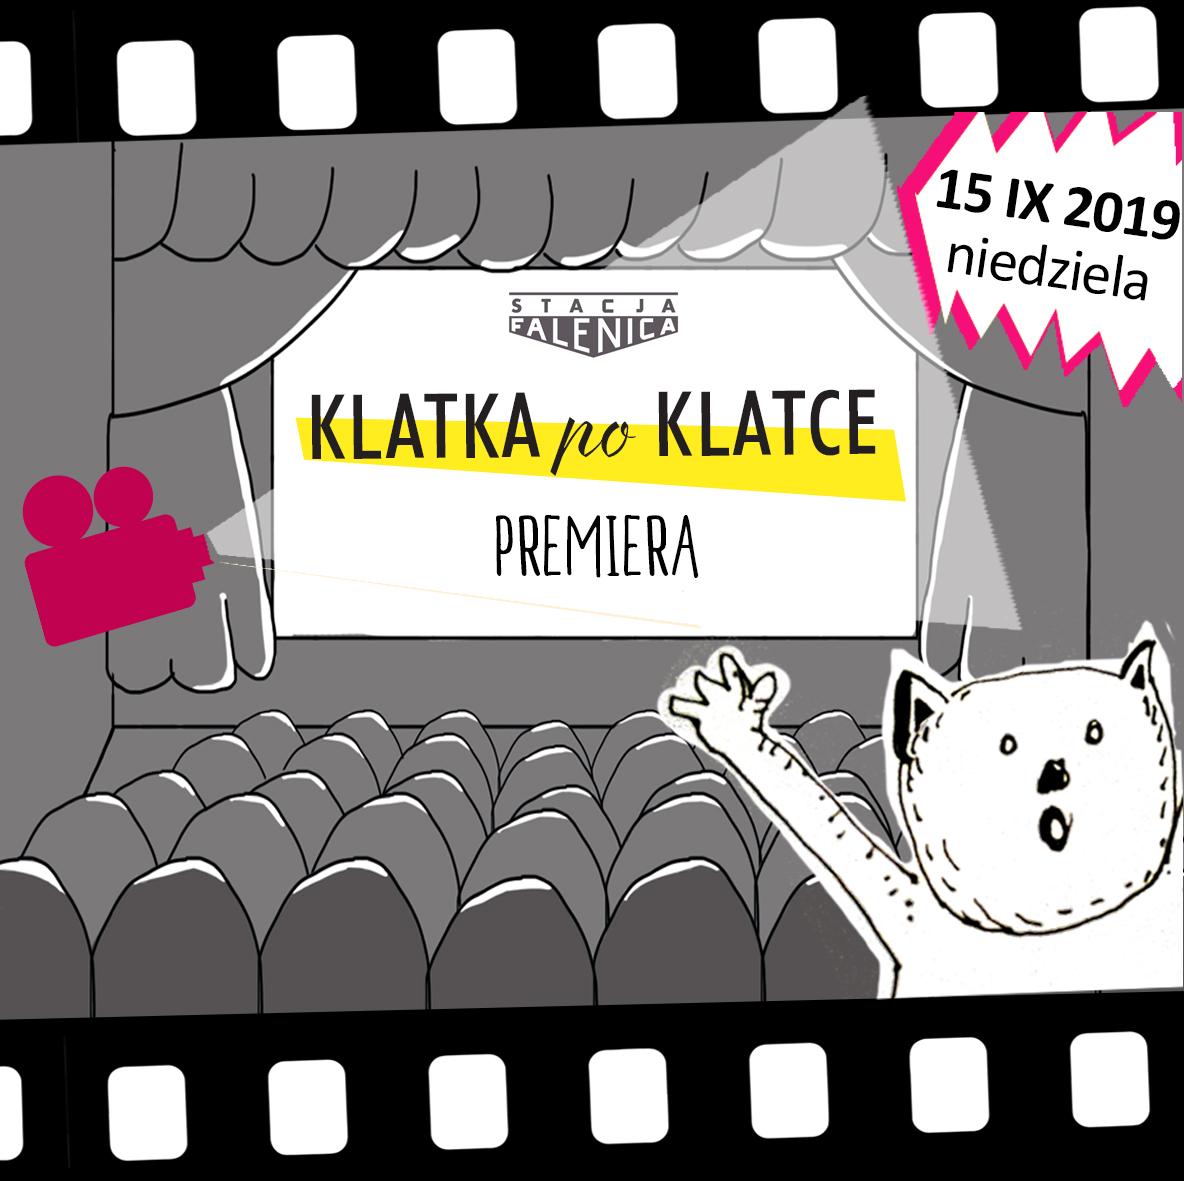 Kinowa premiera filmów animowanych - Klatka po Klatce